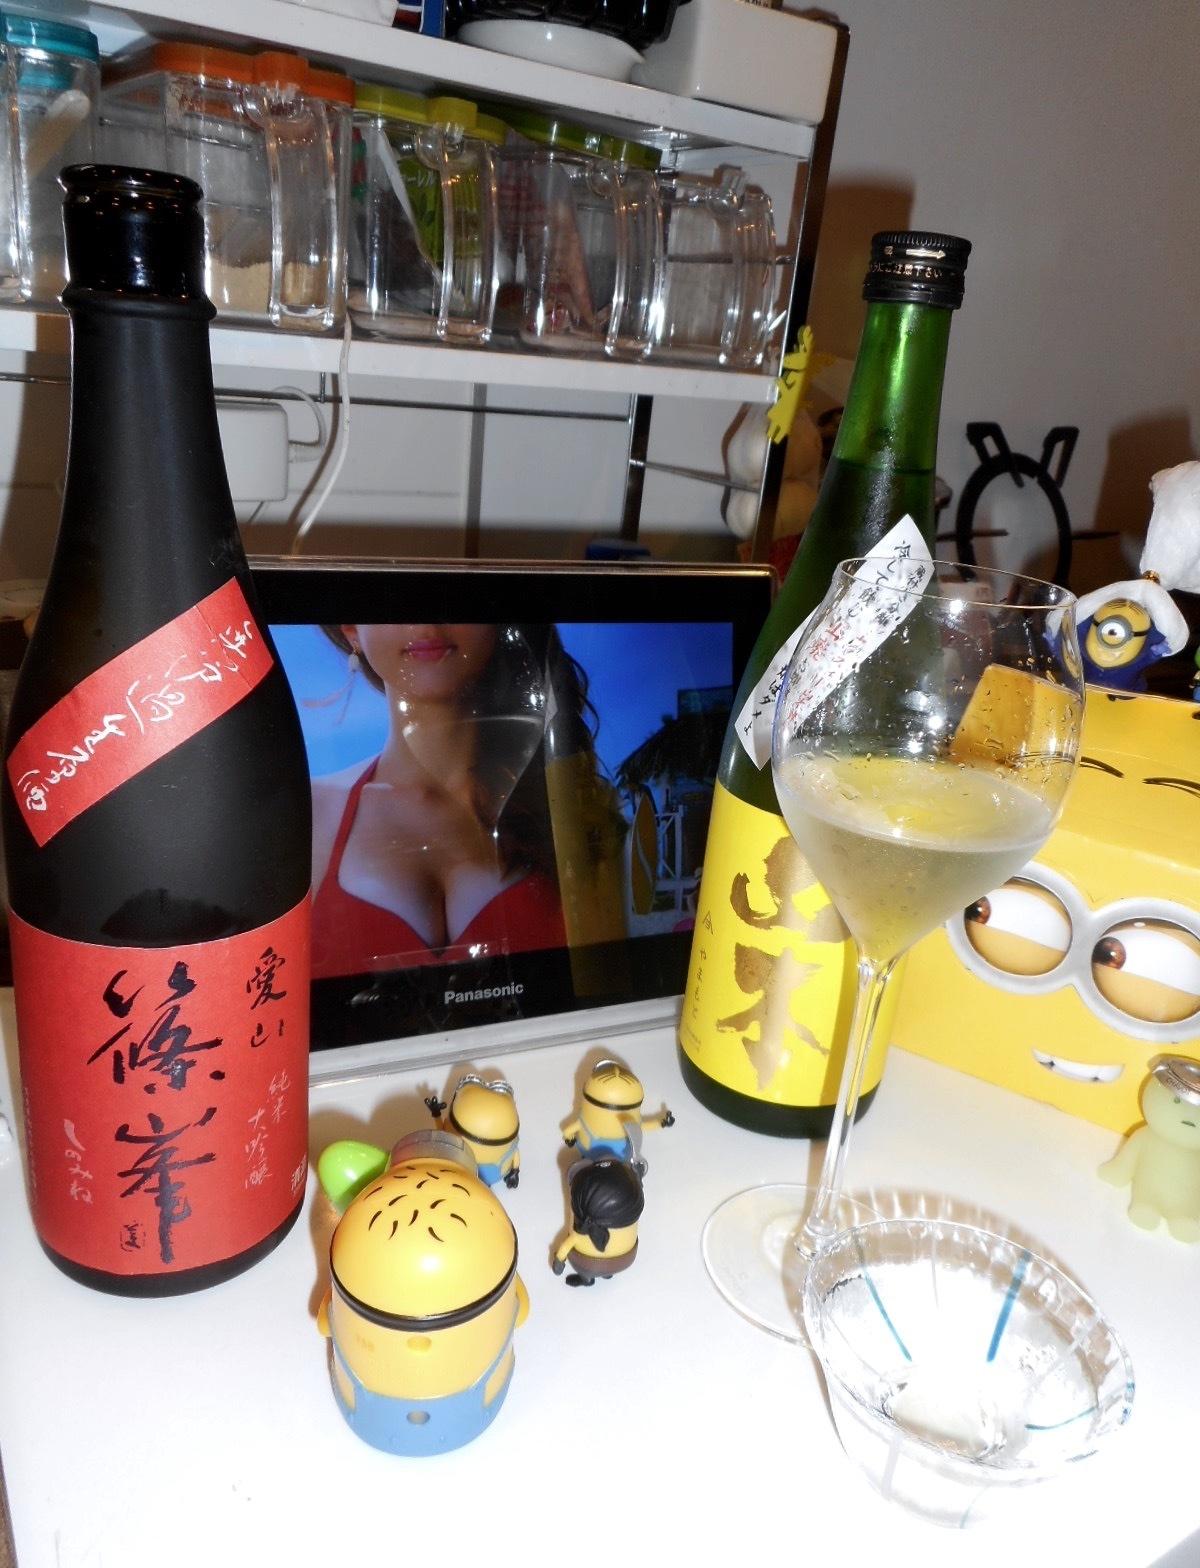 shinomine_aiyama45nama27by11.jpg